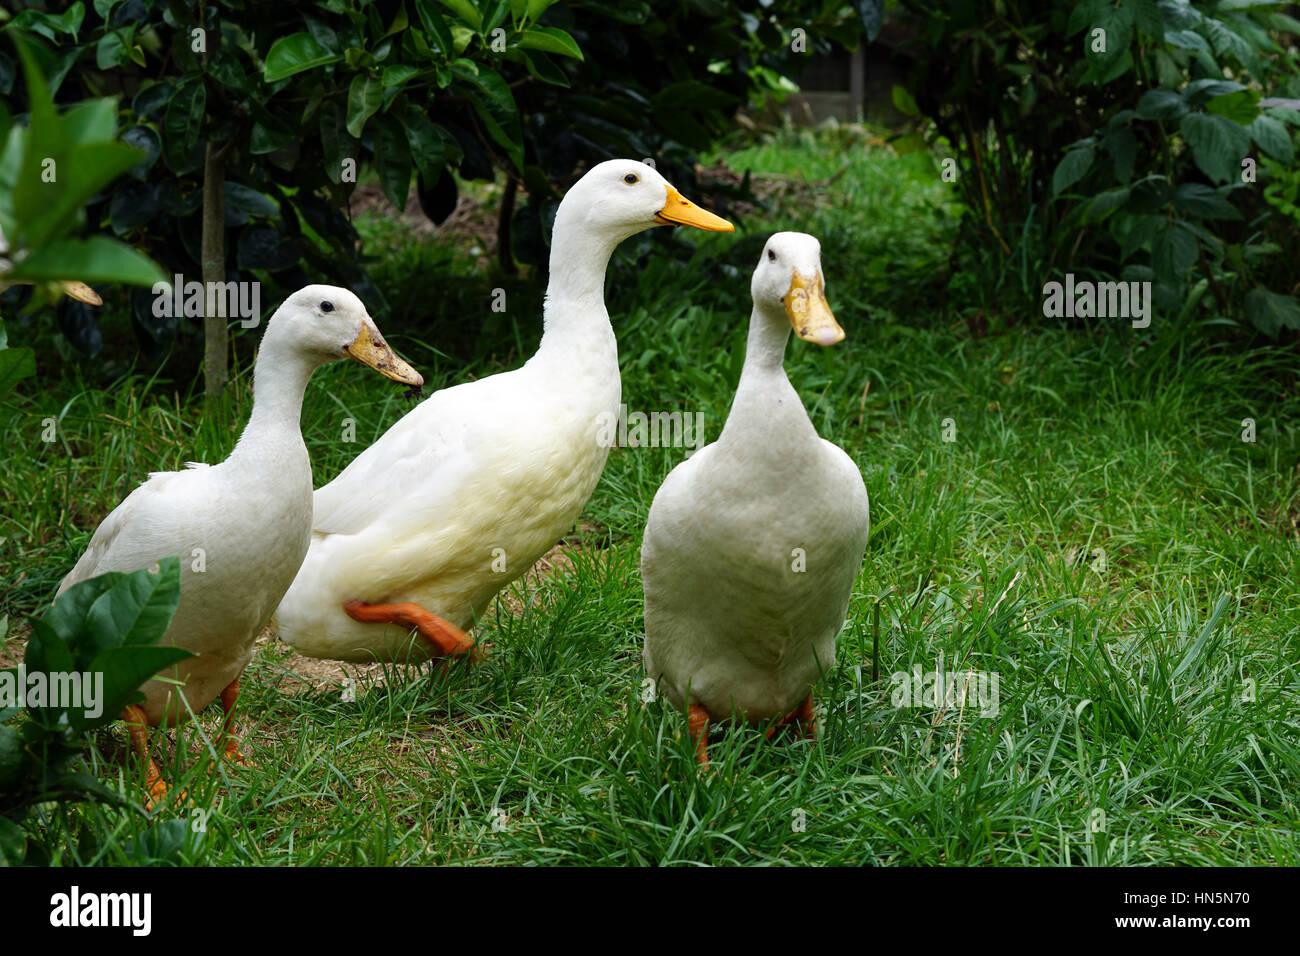 Peking ducks in a garden on a farm - Stock Image